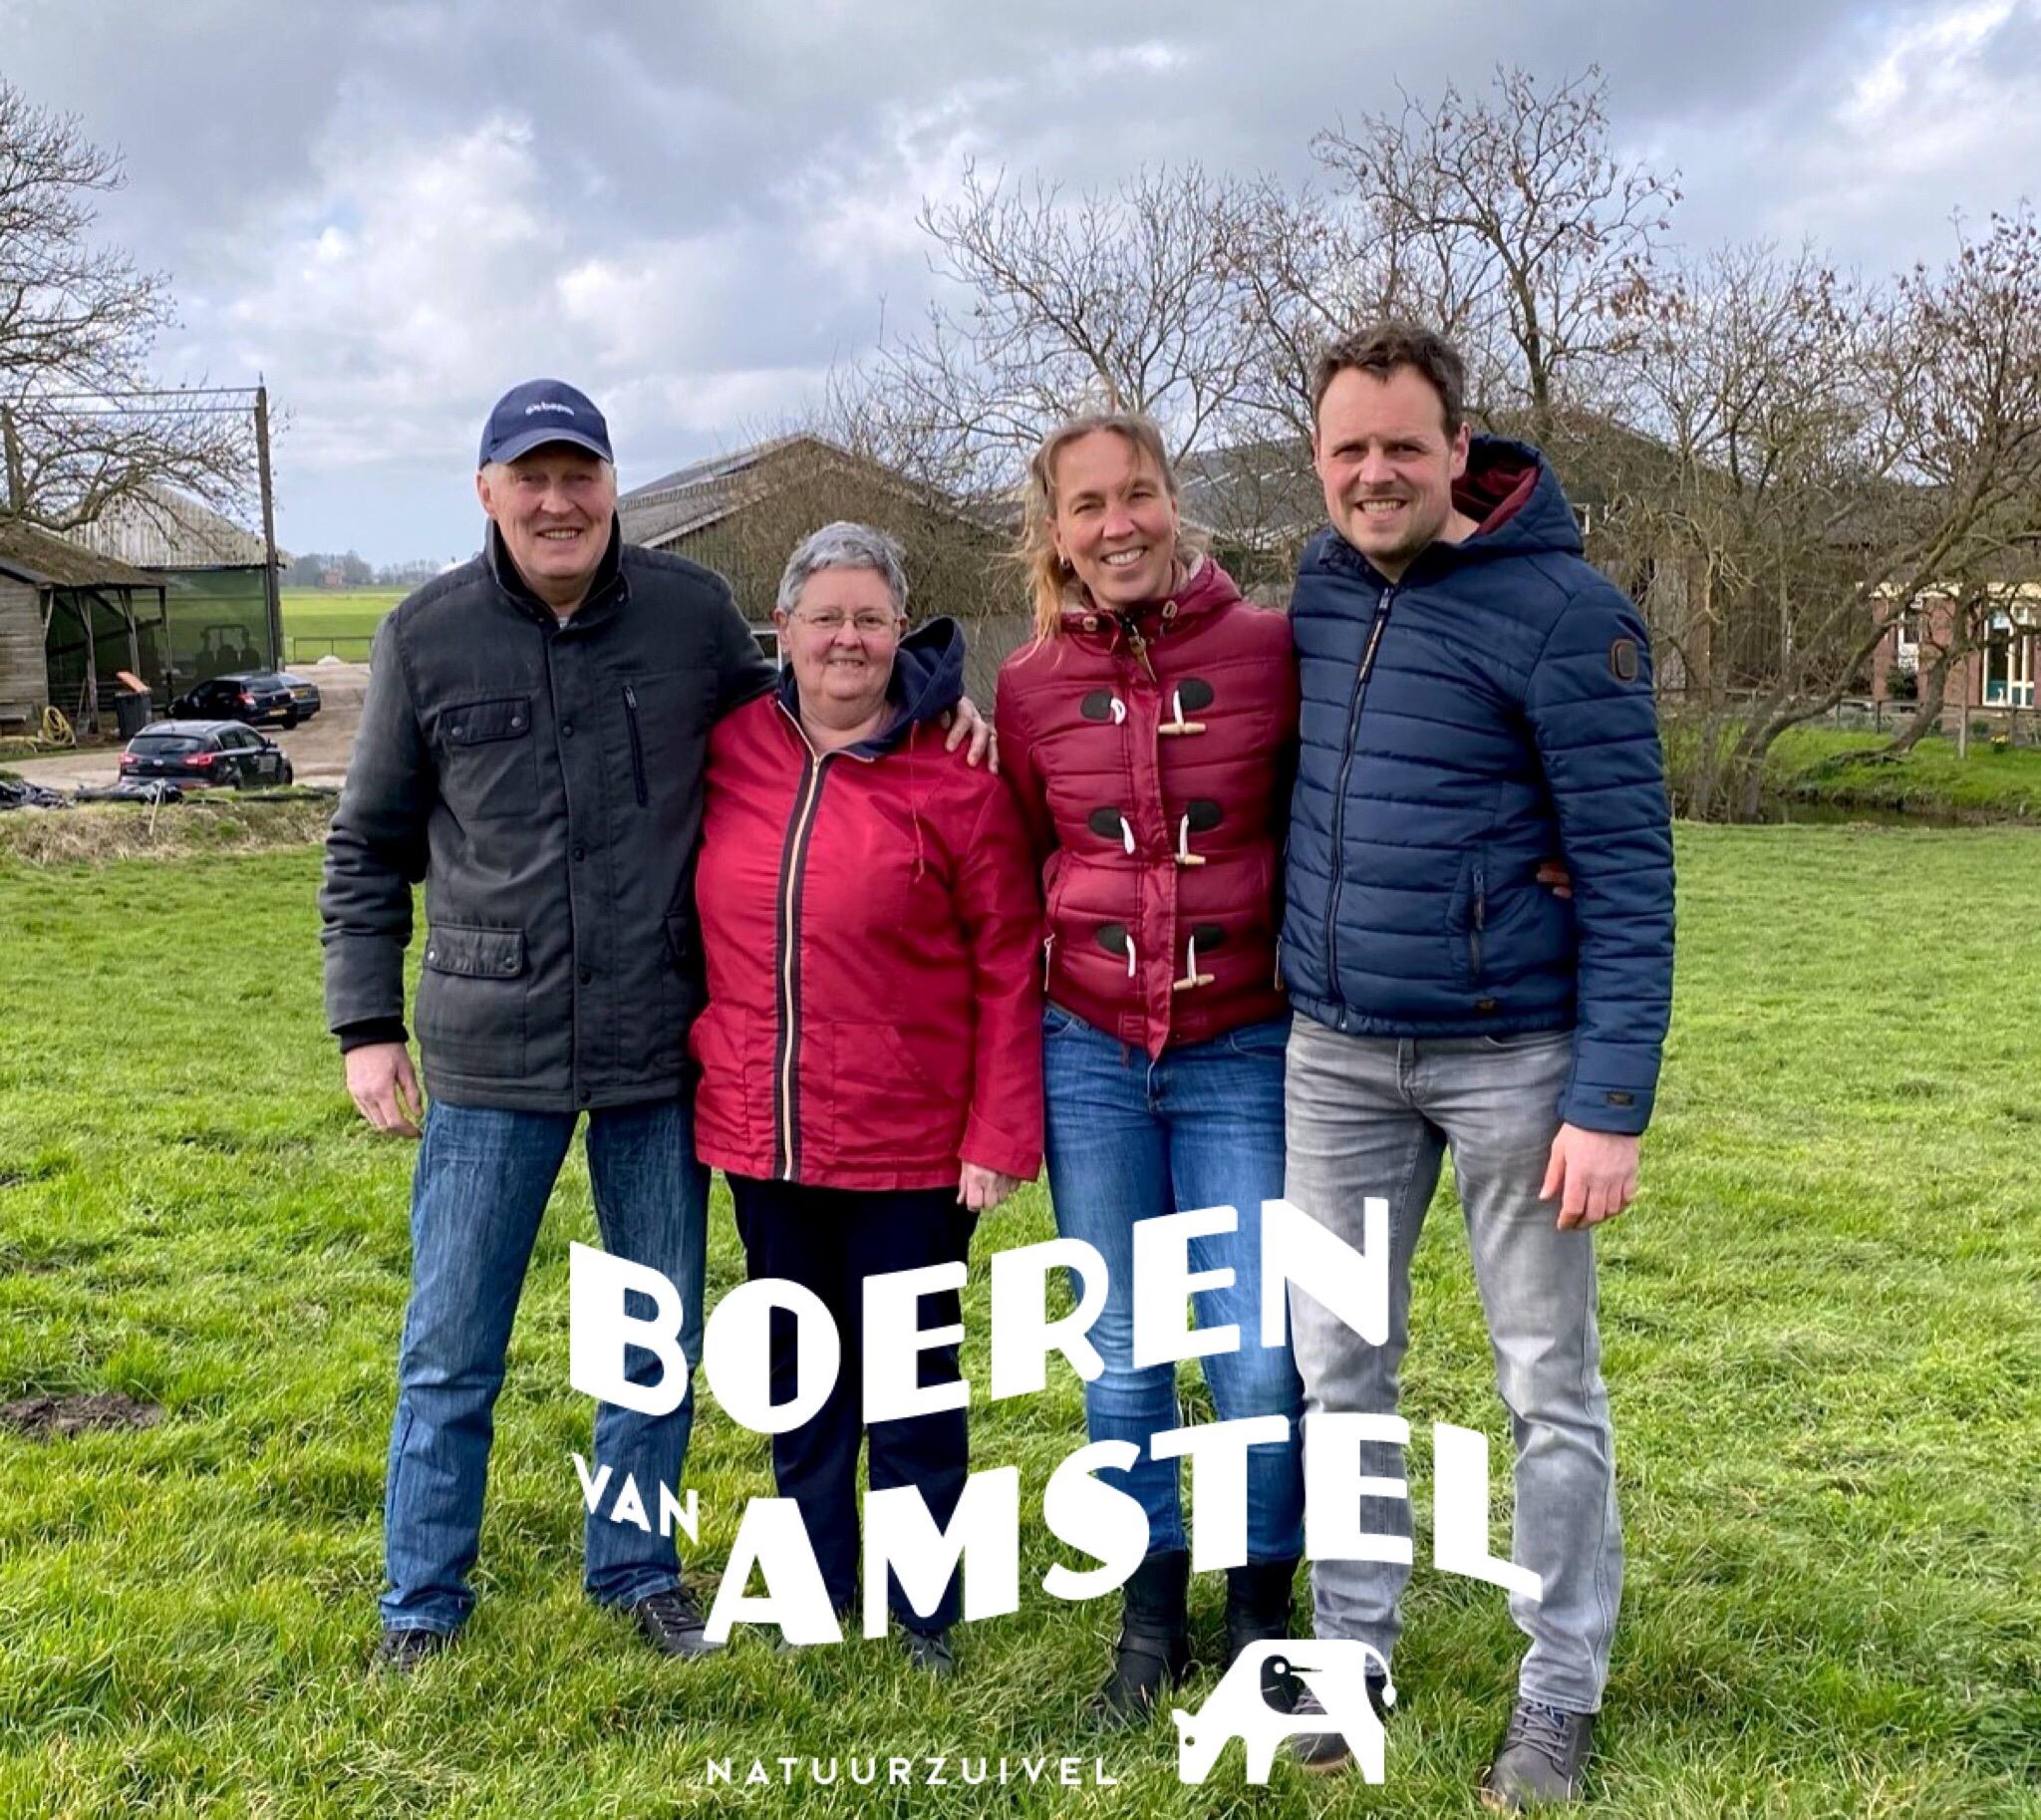 https://www.boerenvanamstel.nl/wp-content/uploads/2021/03/Foto-Van-Blaaderen.jpeg